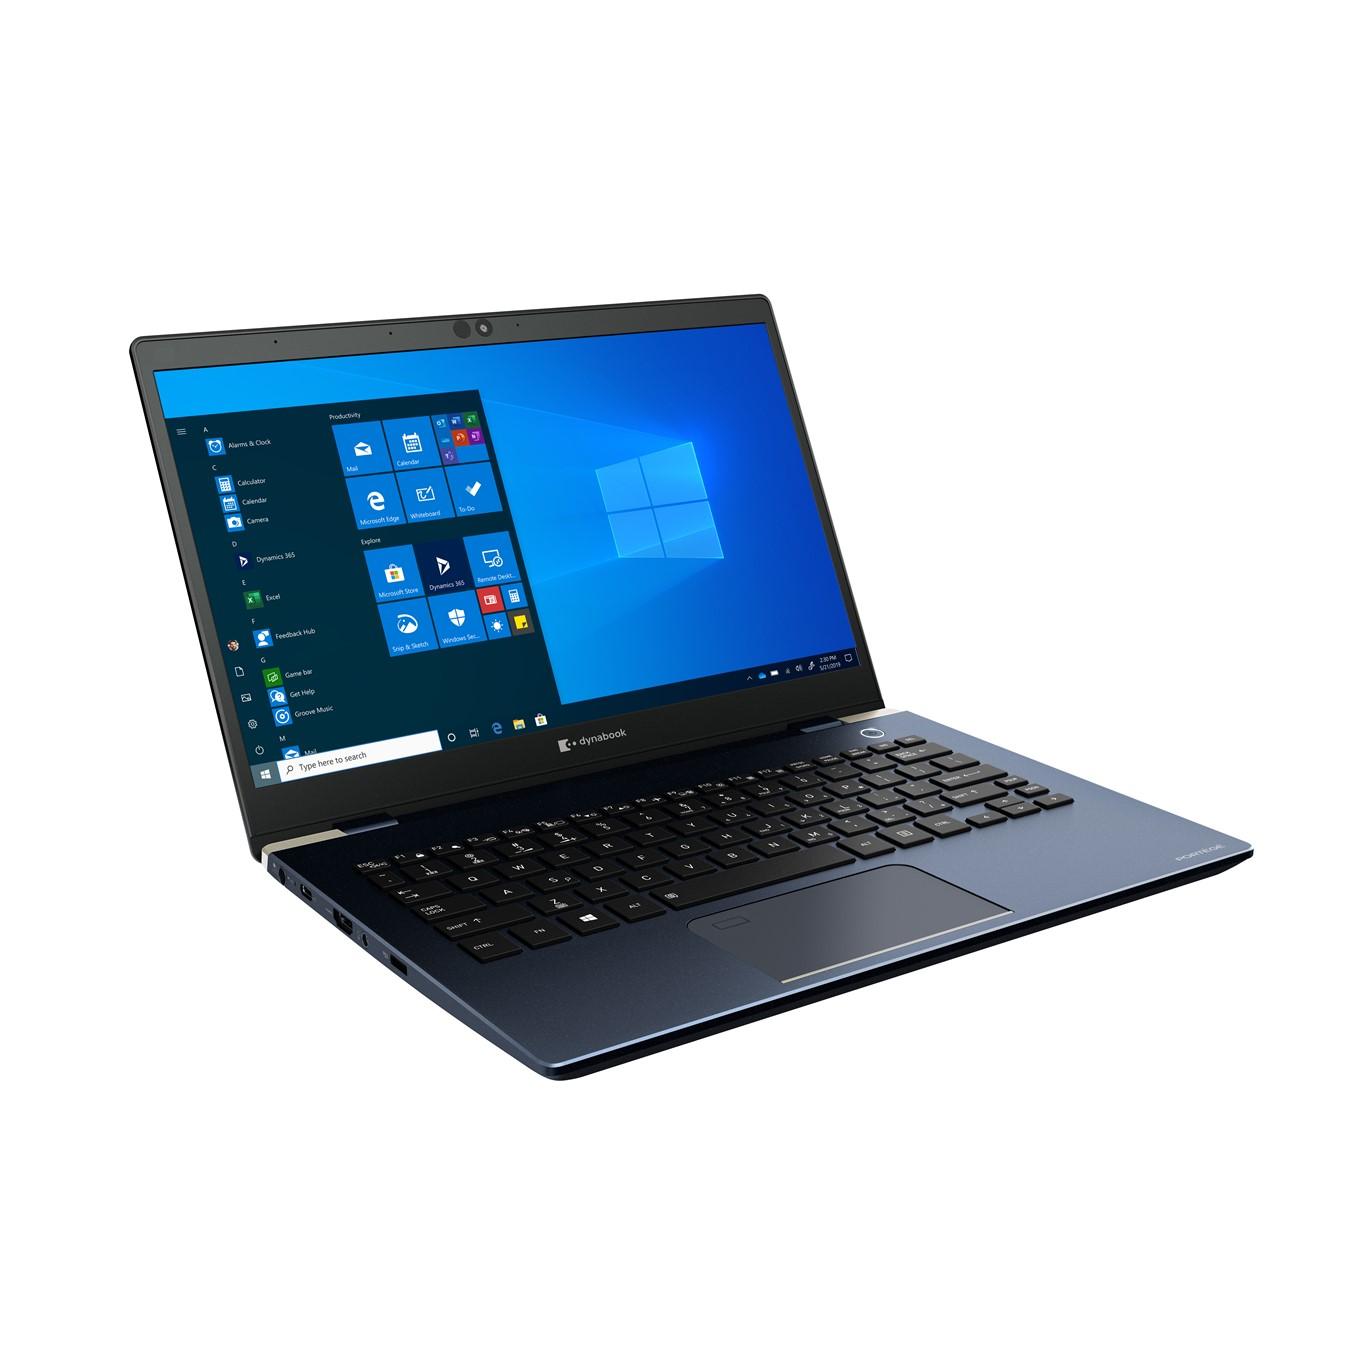 Portatil dynabook portege x30l - g - 11l i5 - 10210u 13.3pulgadas 8gb - ssd512gb - wifi - bt - w10pro